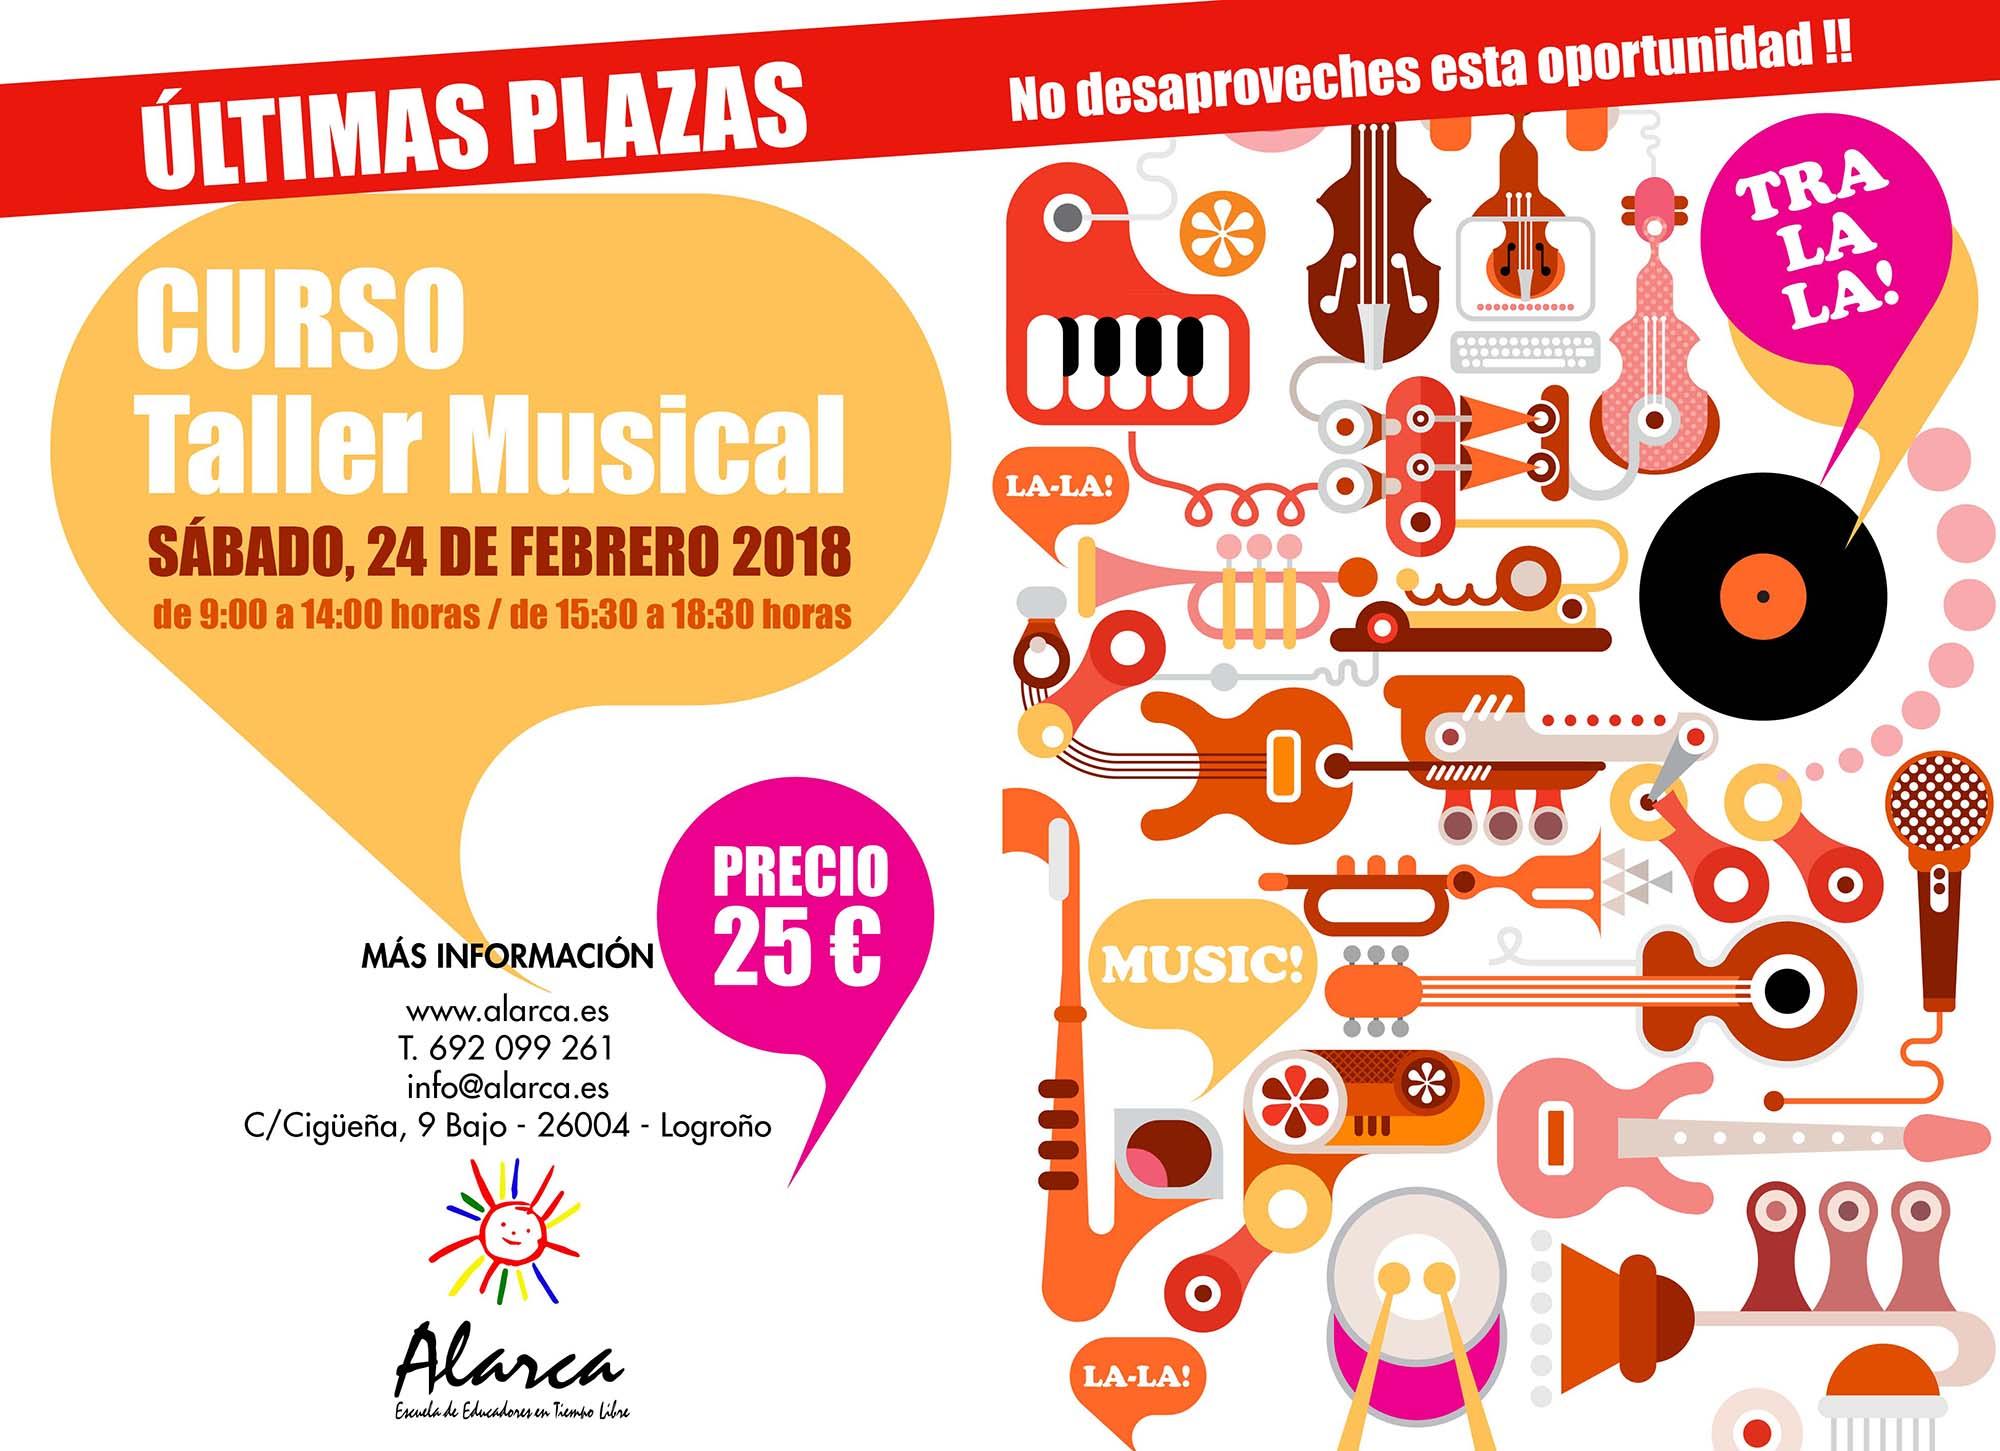 Últimas plazas taller musical Escuela Alarca